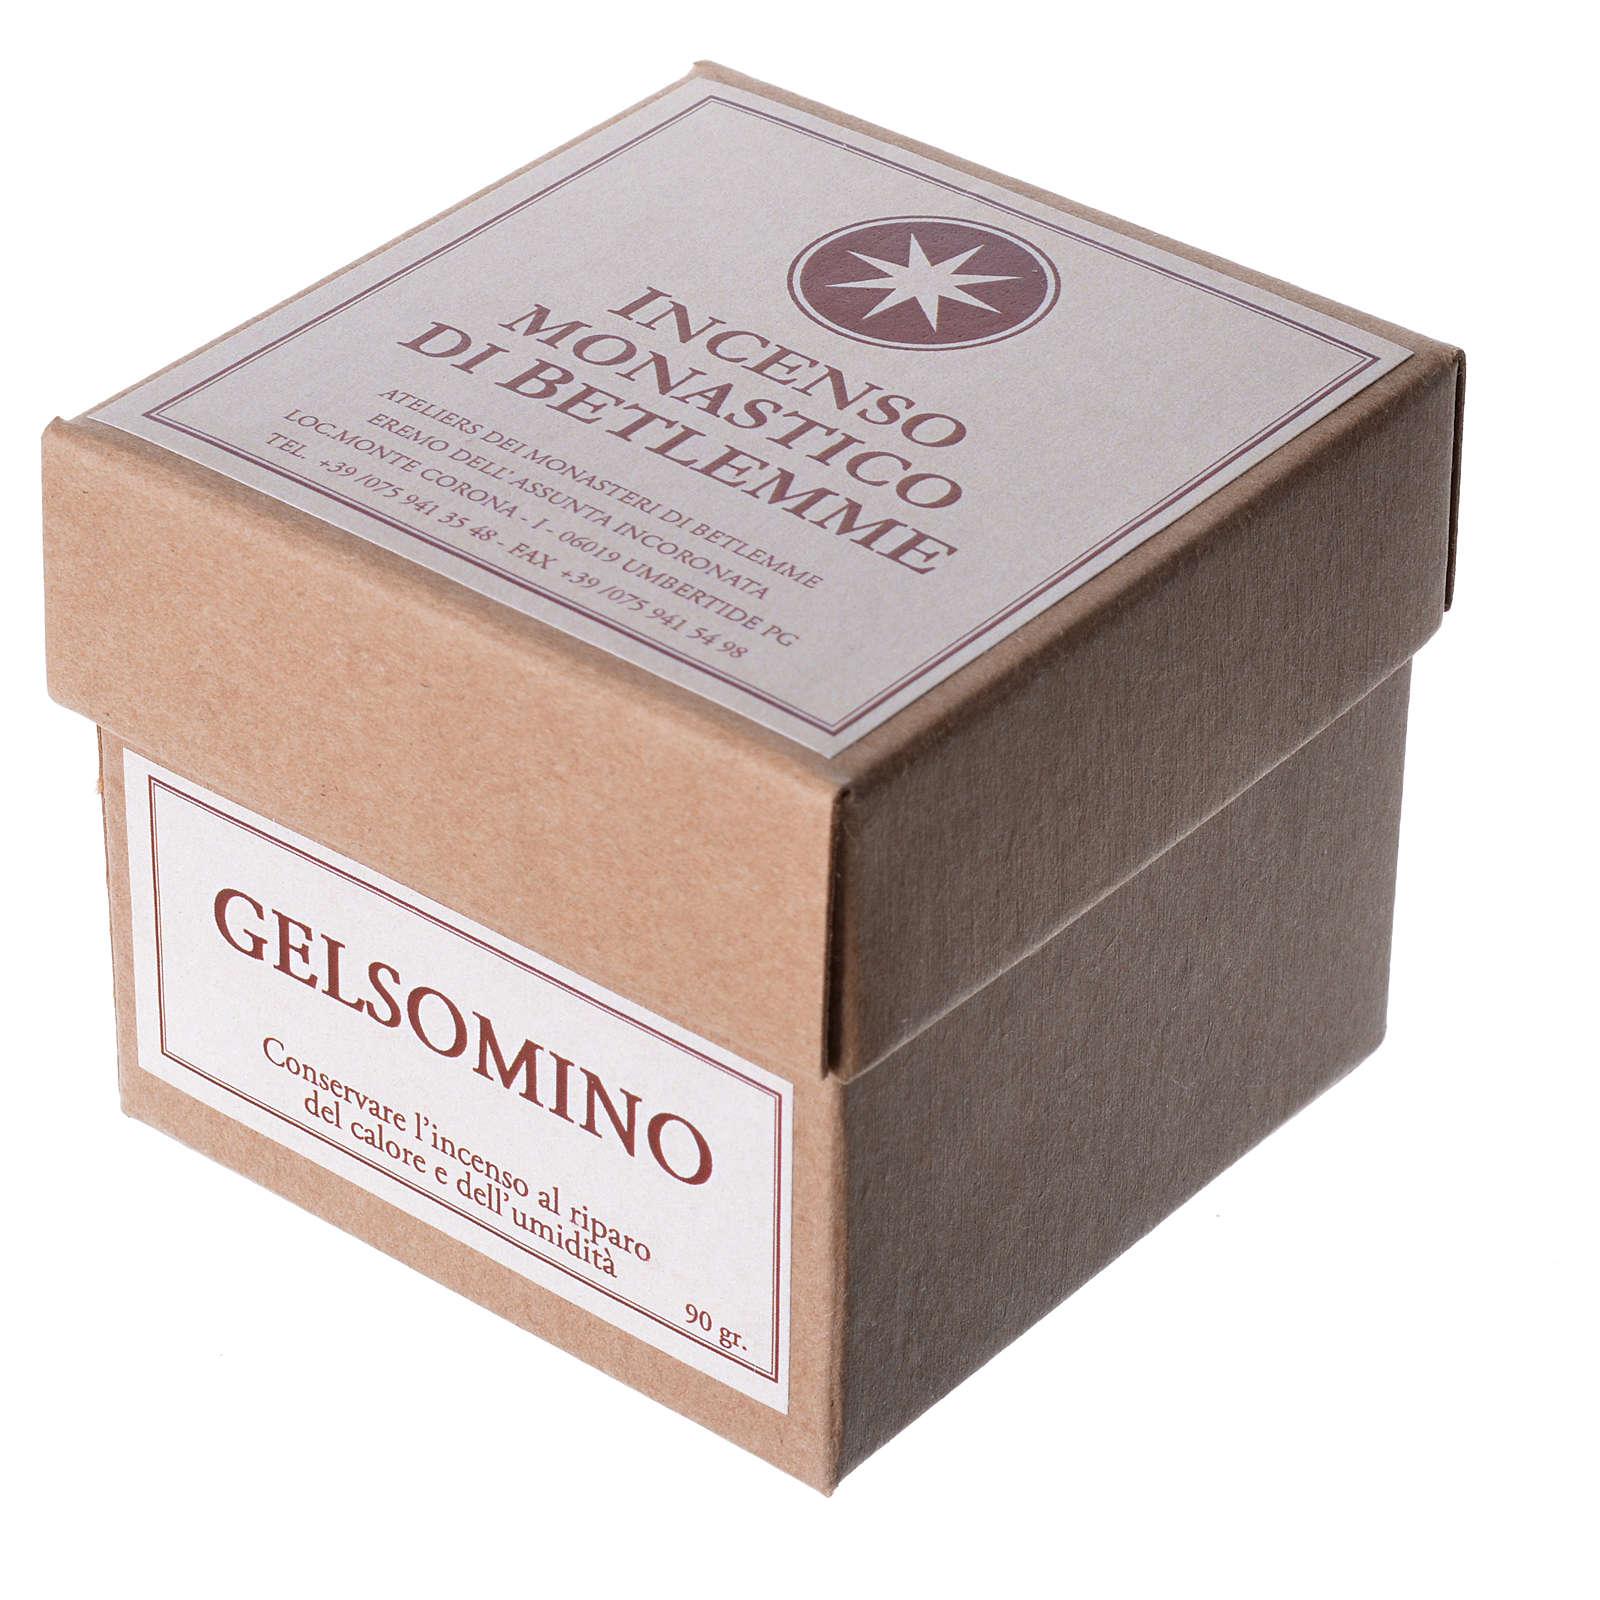 Incenso jasmim Monges de Belém 90 gr 3